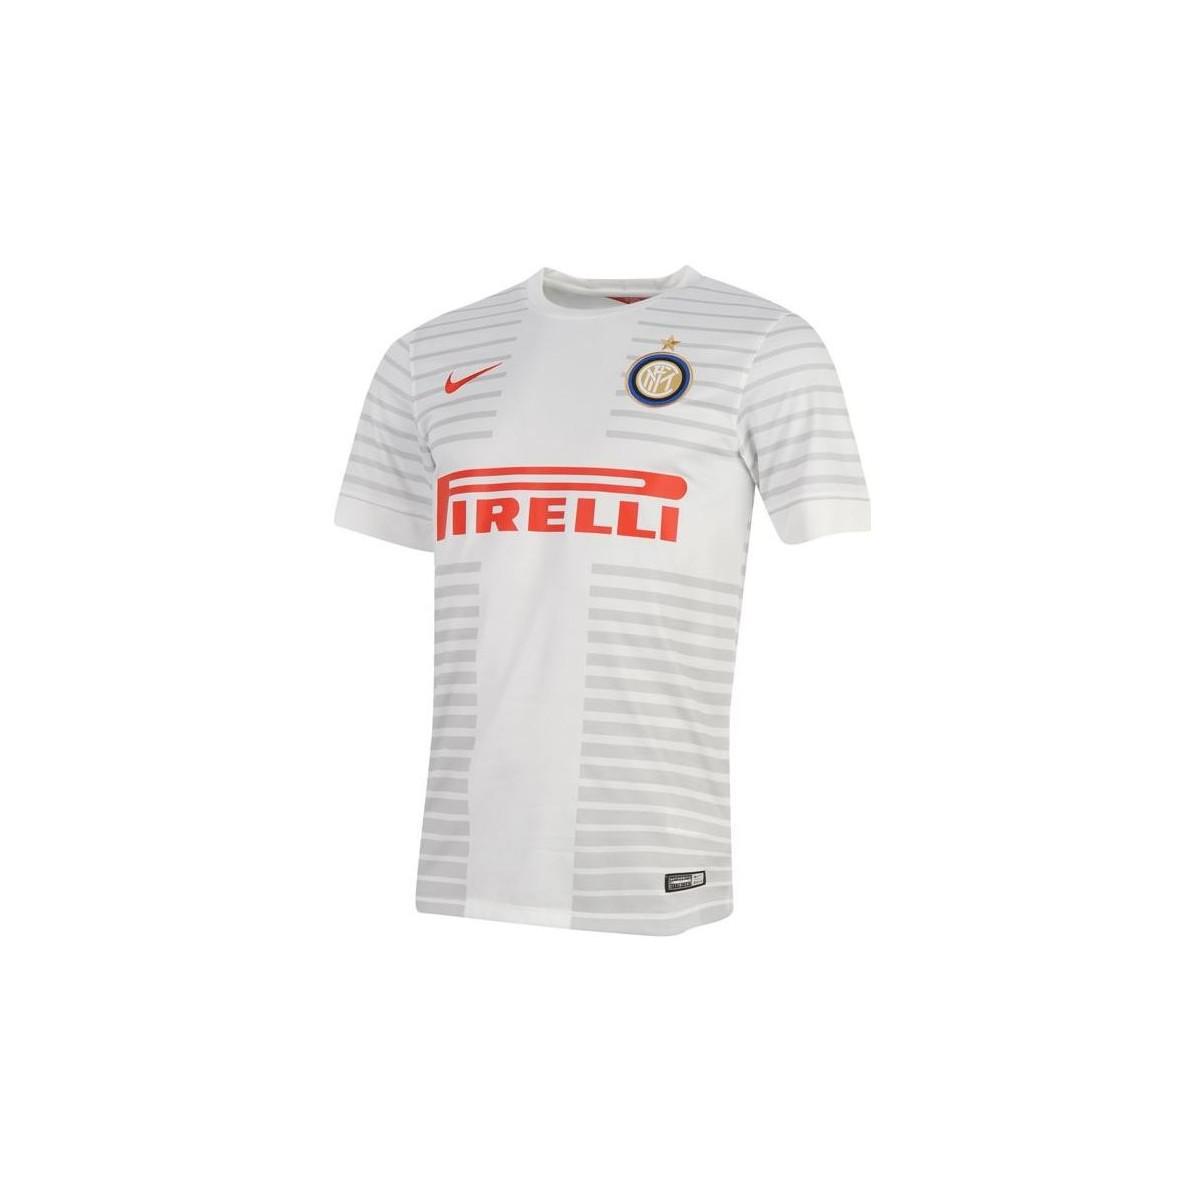 finest selection 241d0 f8209 Nike 2014-15 Inter Milan Away Shirt (palacio 9) Women's T ...